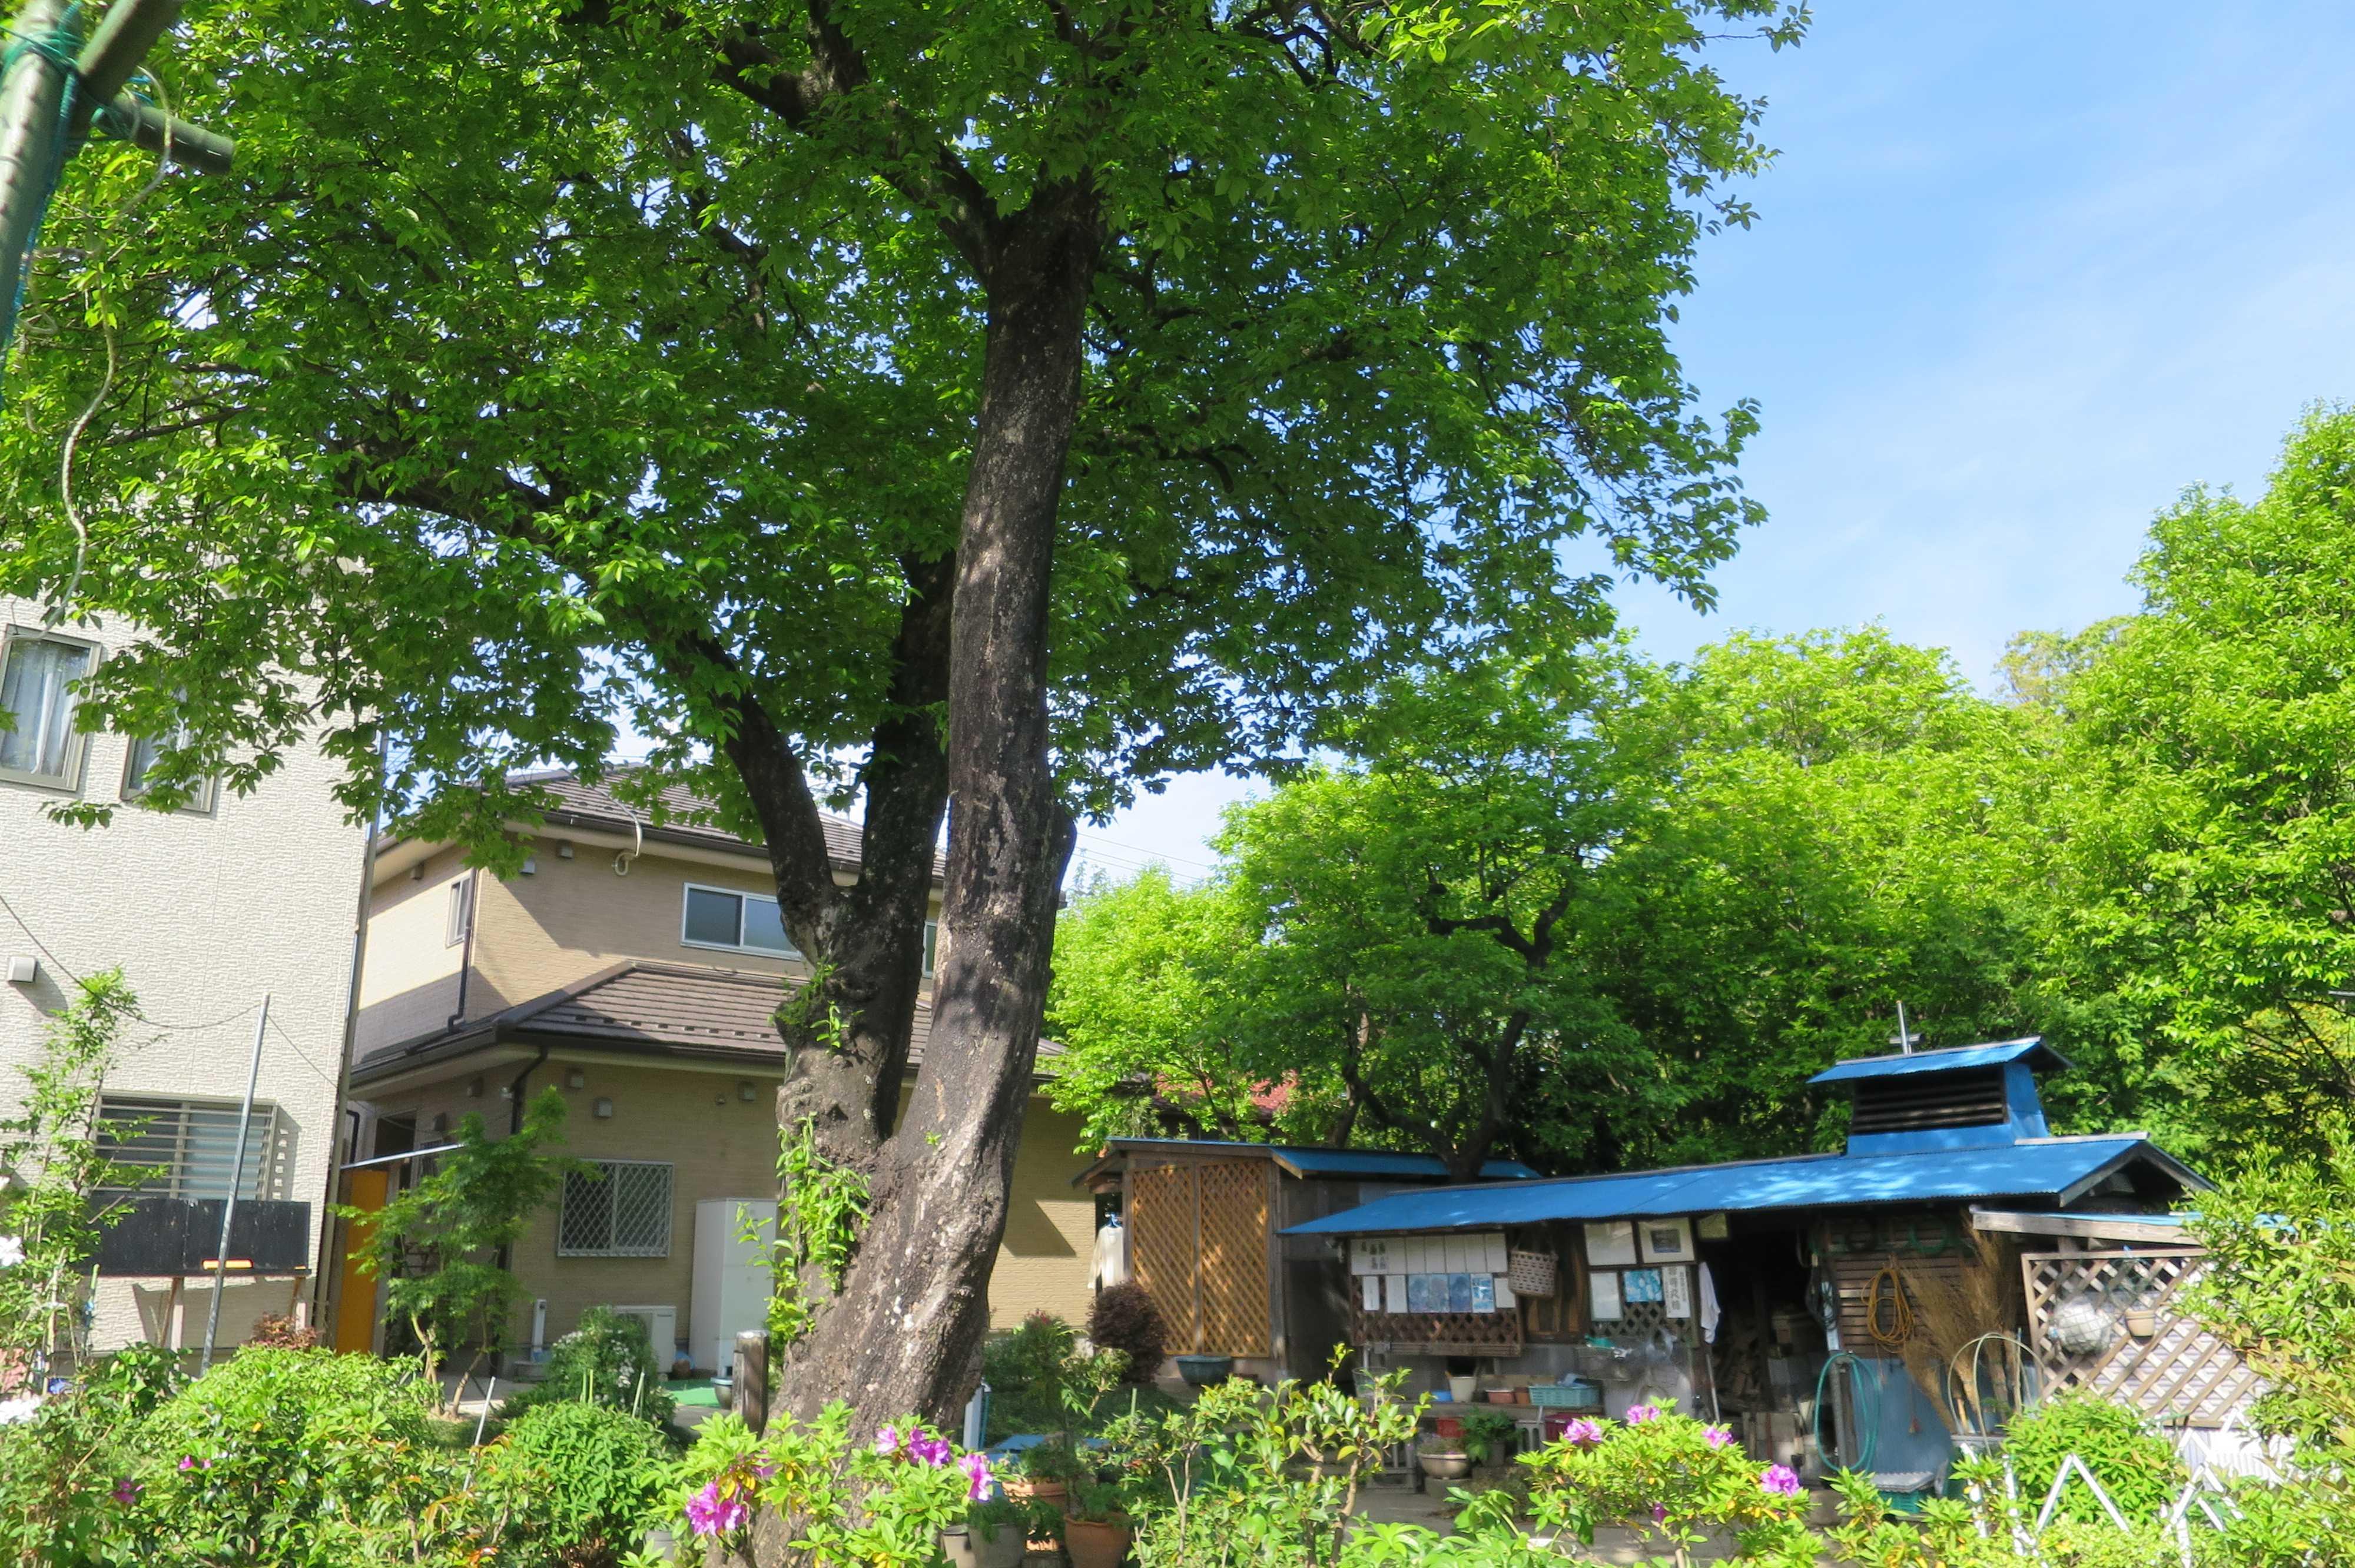 うつくしい岡上の禅寺丸柿の木(カキノキ)